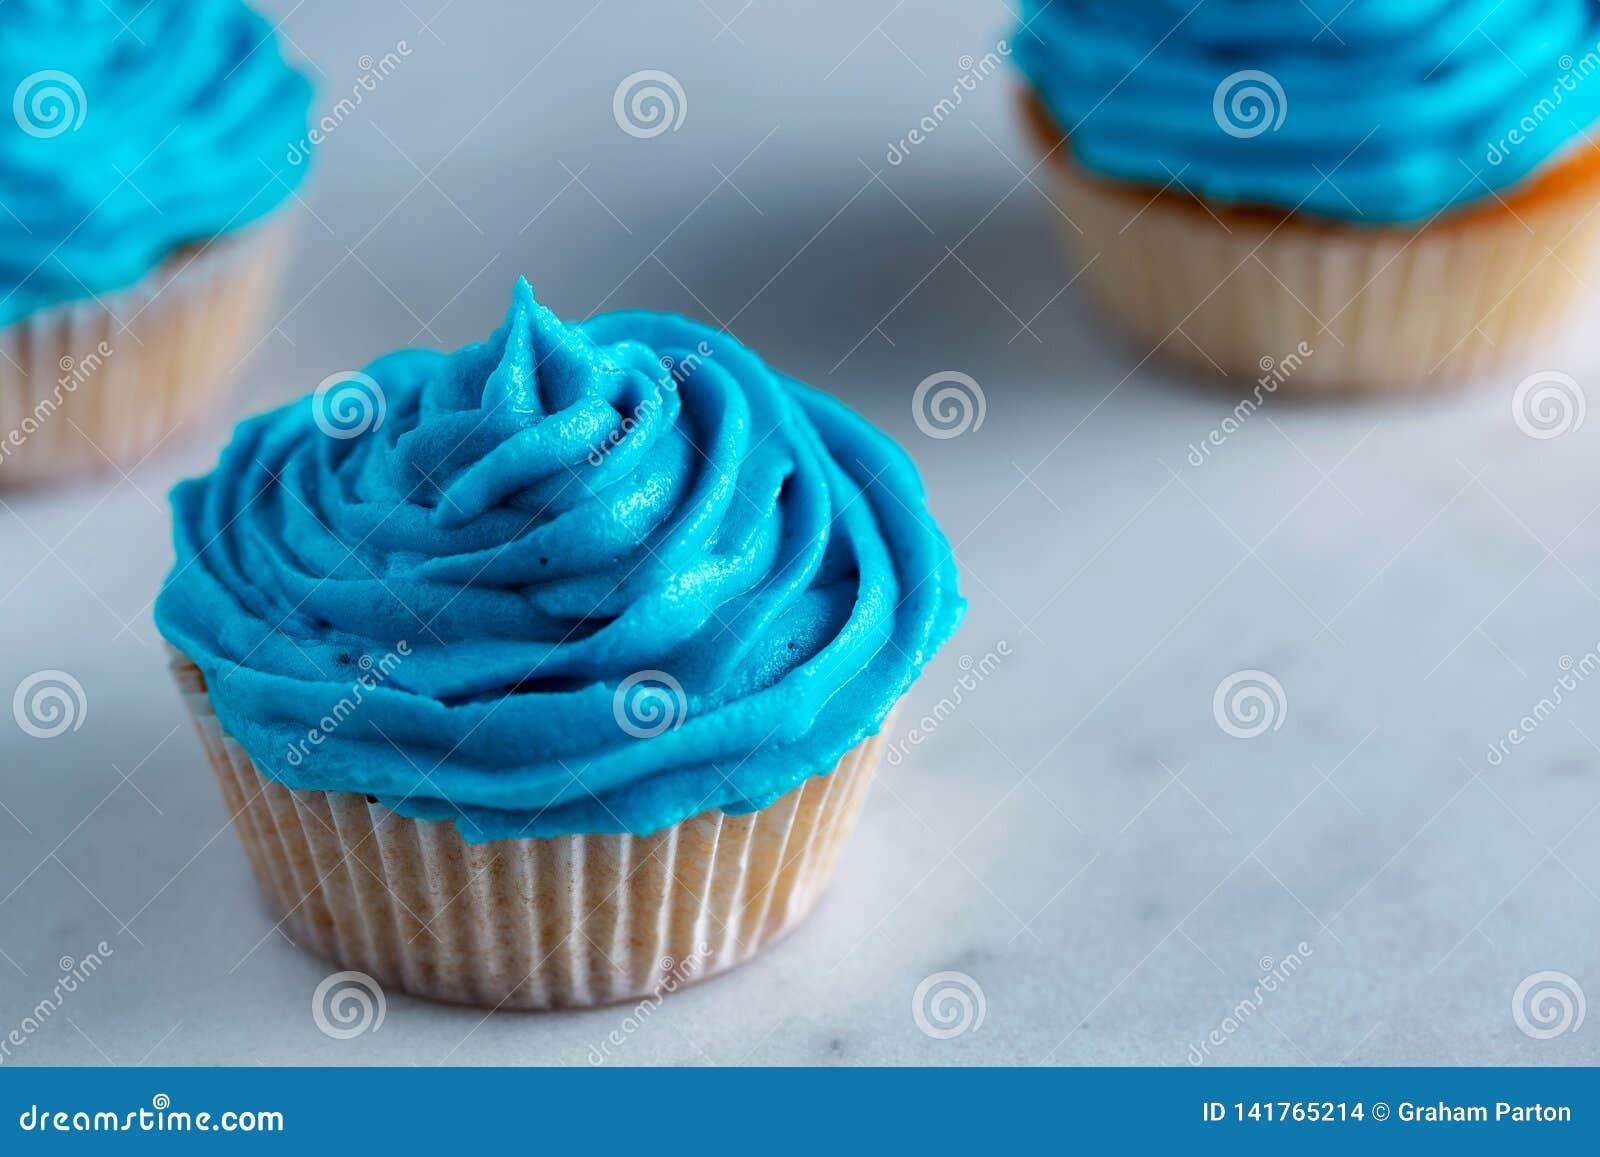 Plan De Travail Bleu petits gâteaux avec le glaçage bleu sur un plan de travail